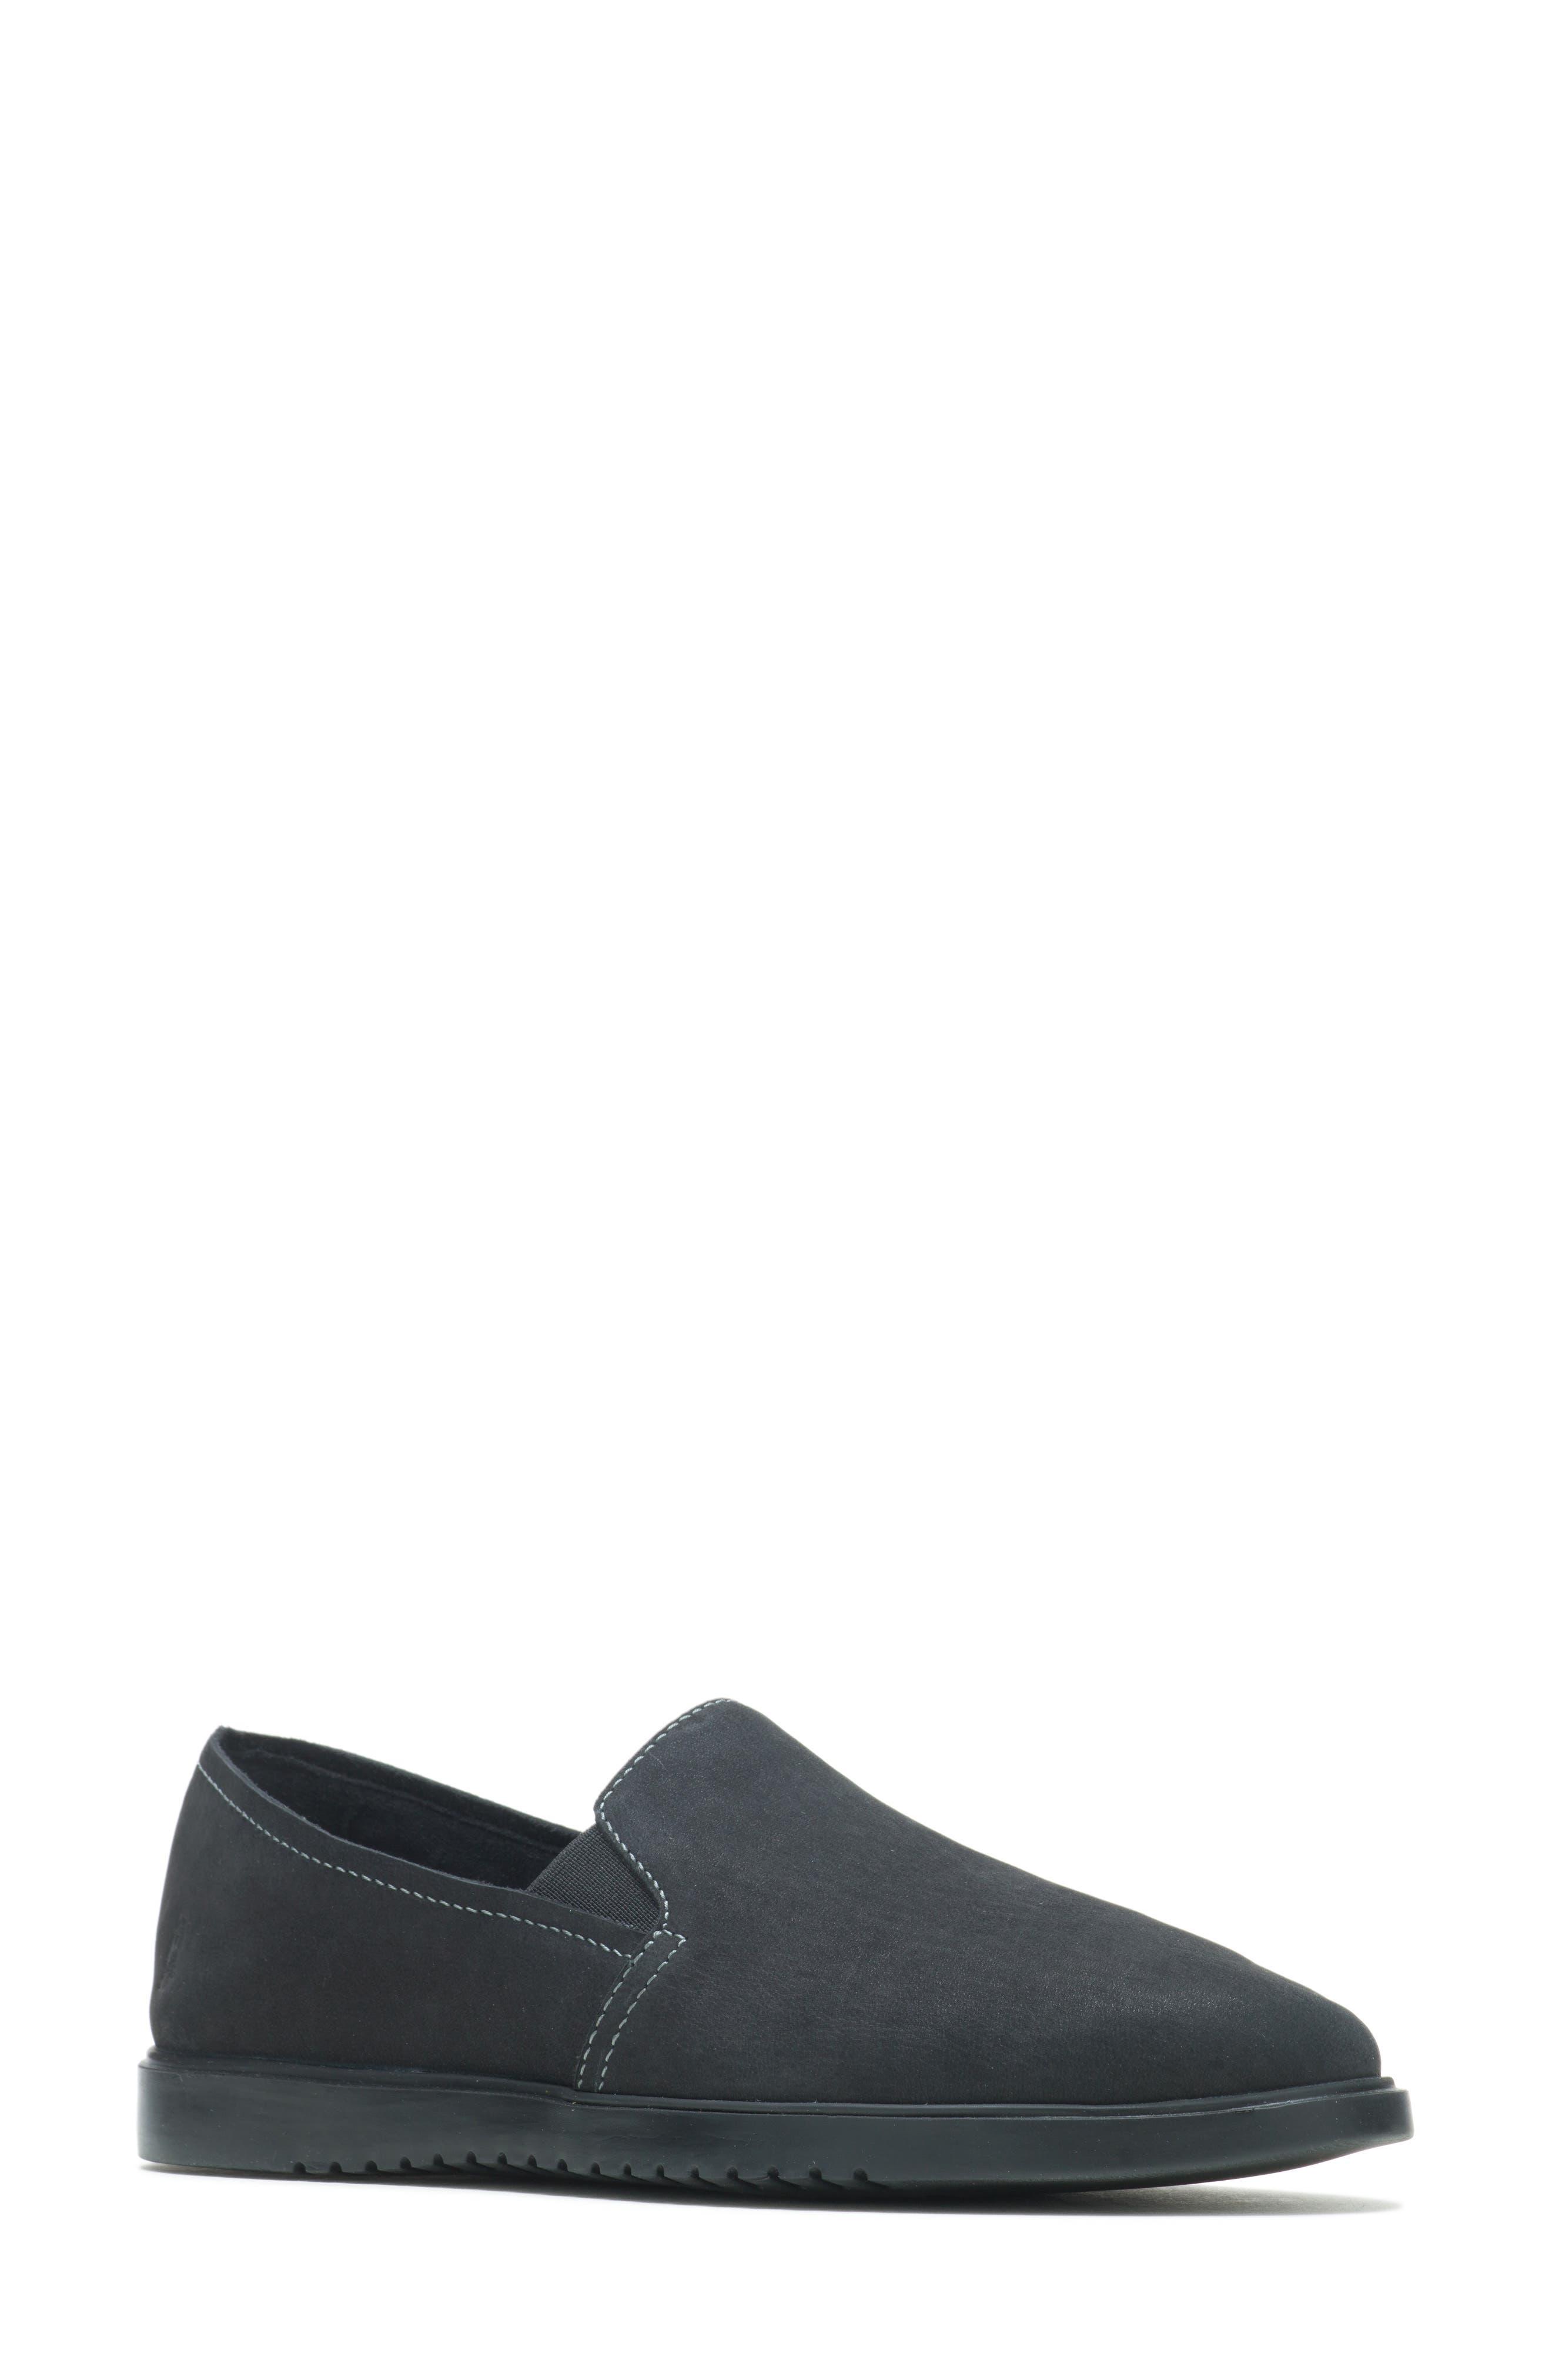 The Everyday Slip-On Sneaker